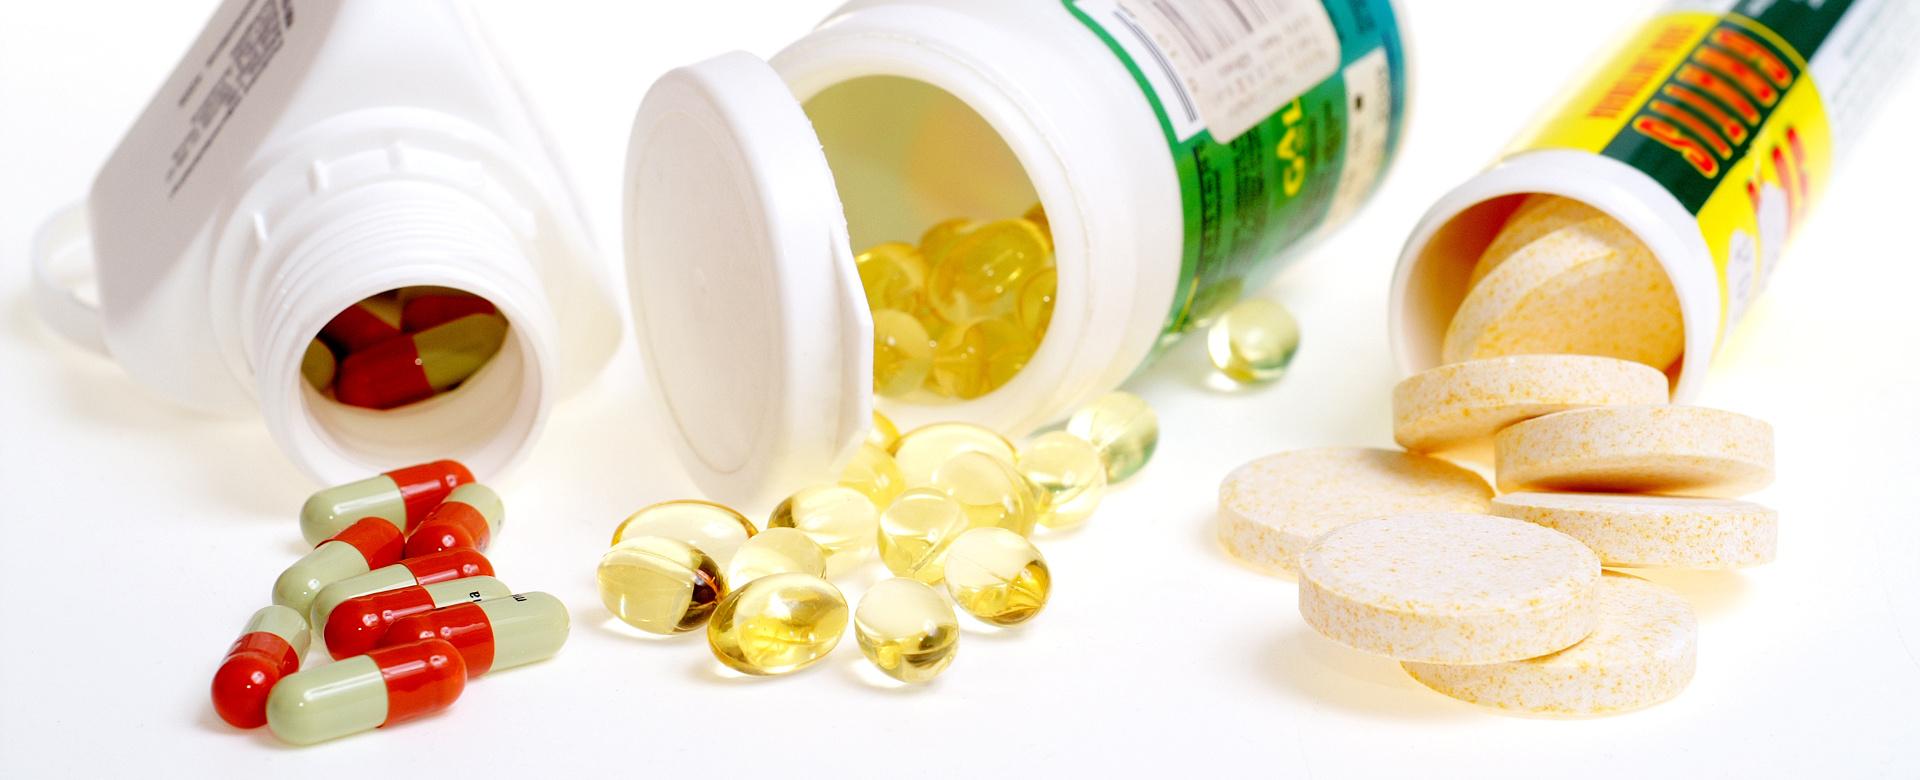 integratori-dietetici-farmacia